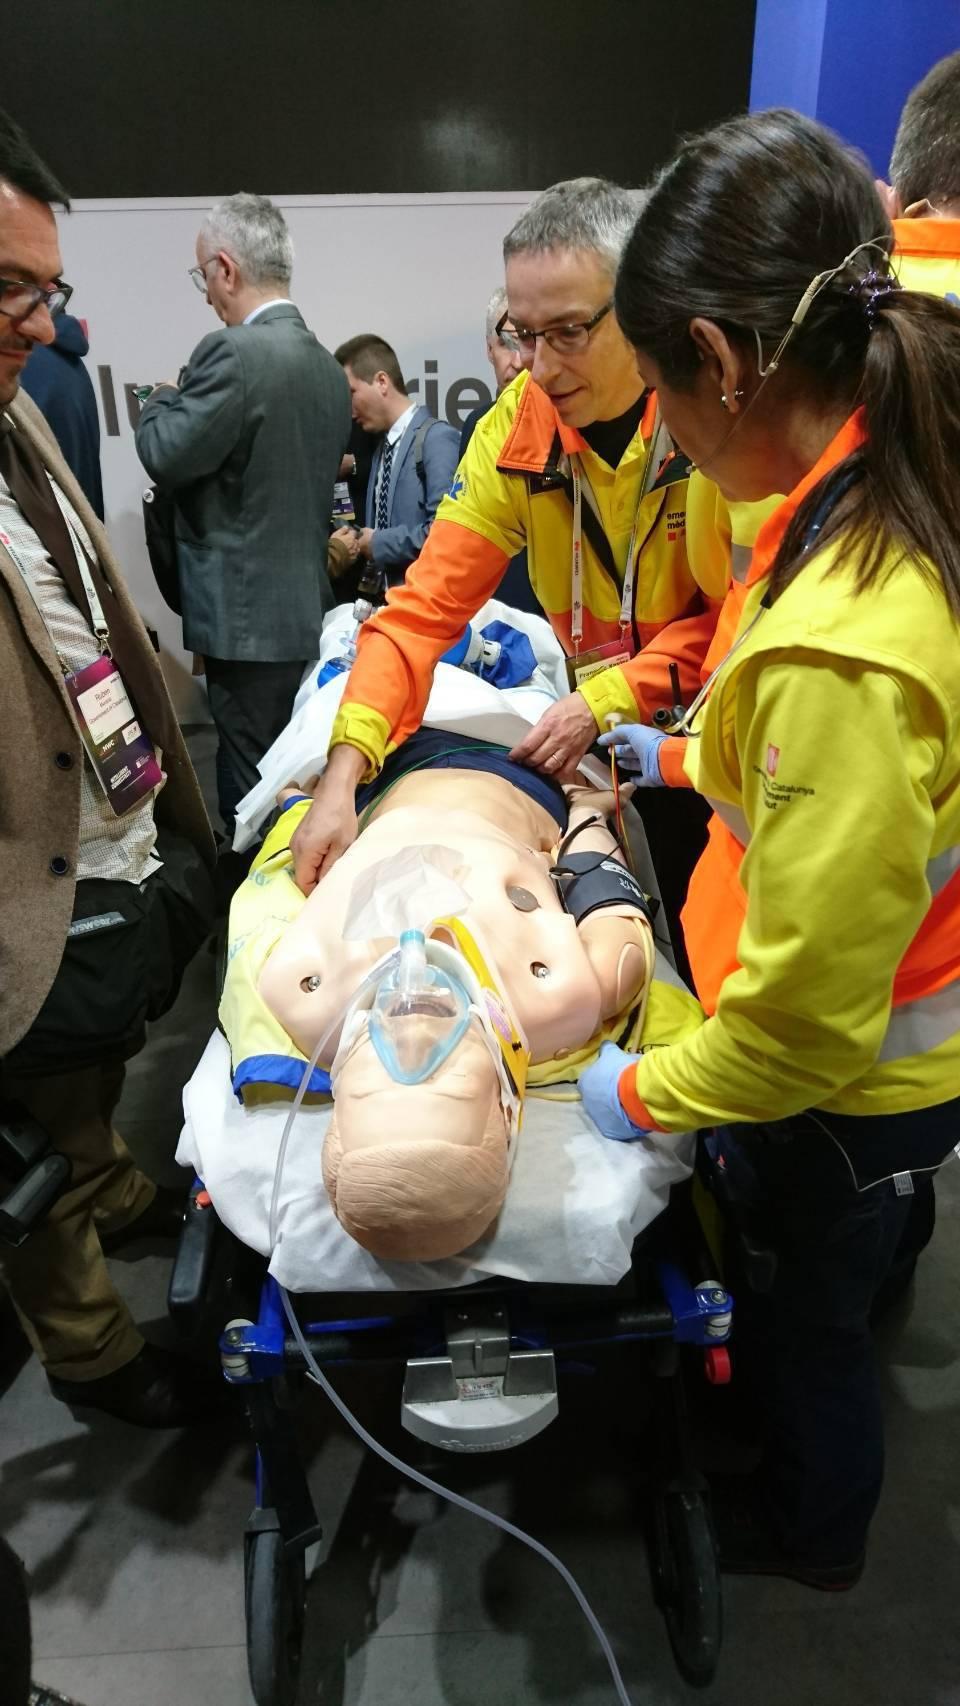 參訪加泰隆尼亞政府5G救護車。 臺南市政府/提供